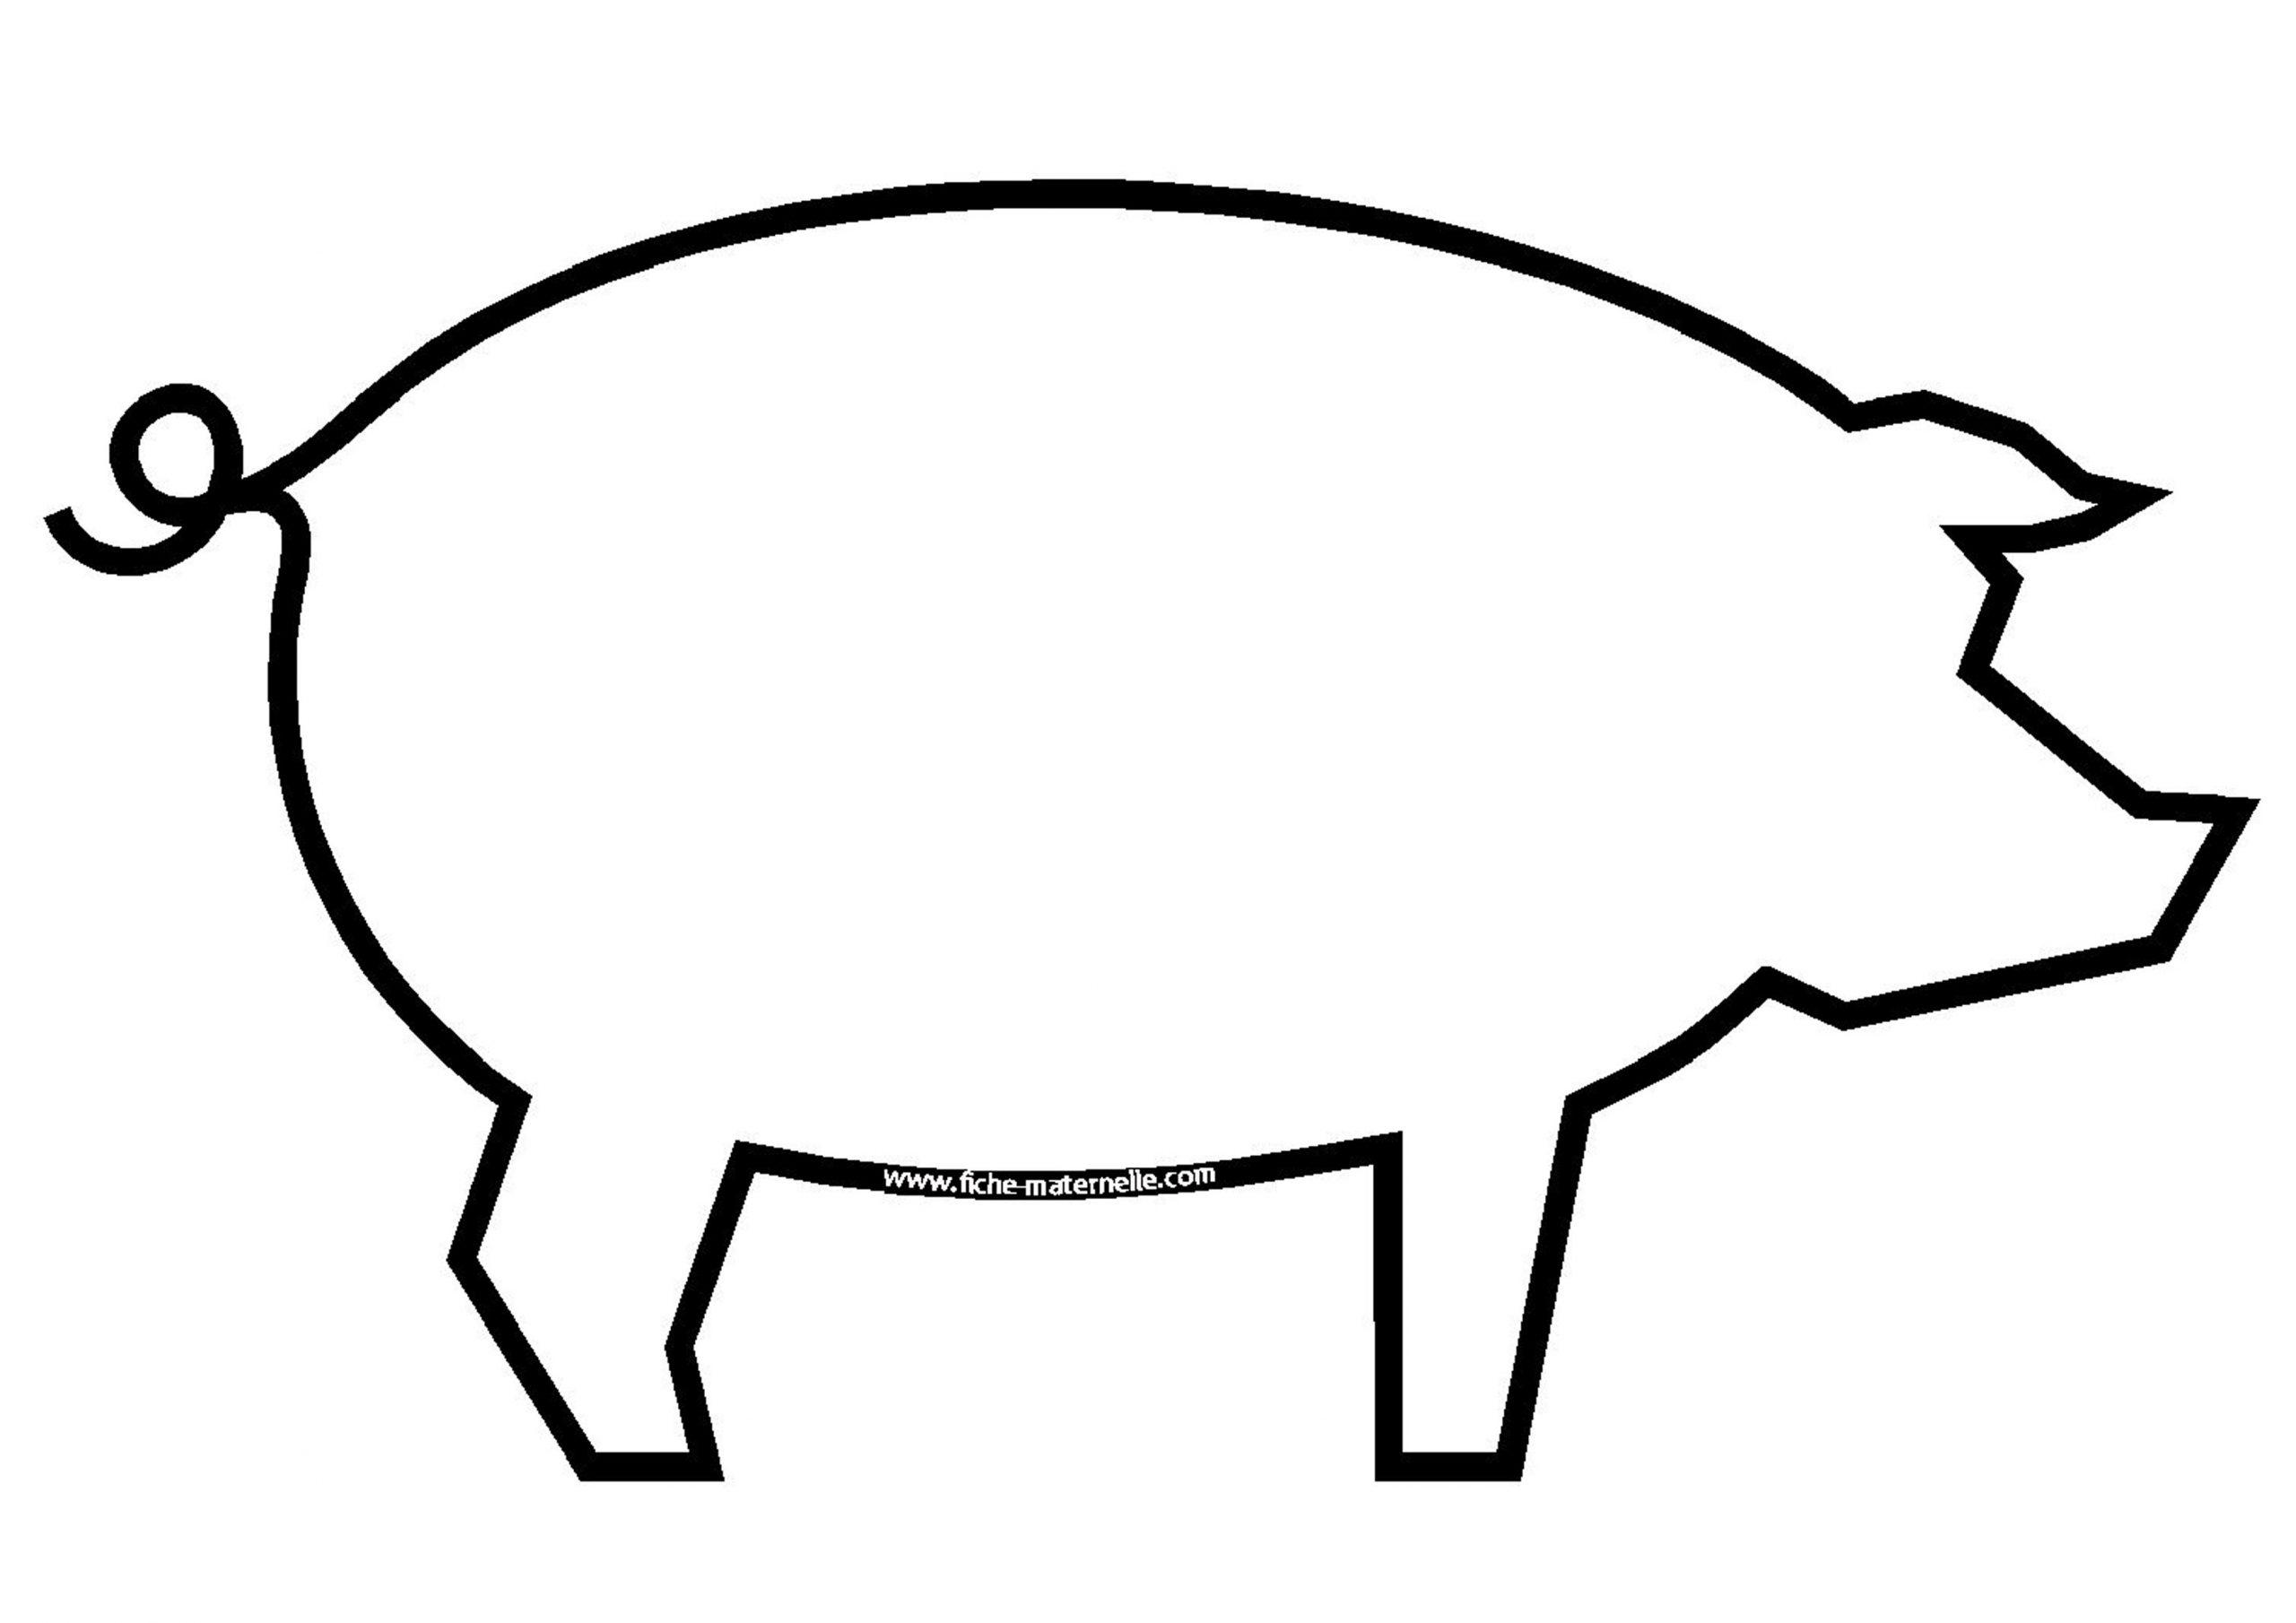 Dessins Gratuits À Colorier - Coloriage Cochon À Imprimer serapportantà Dessin Cochon A Colorier